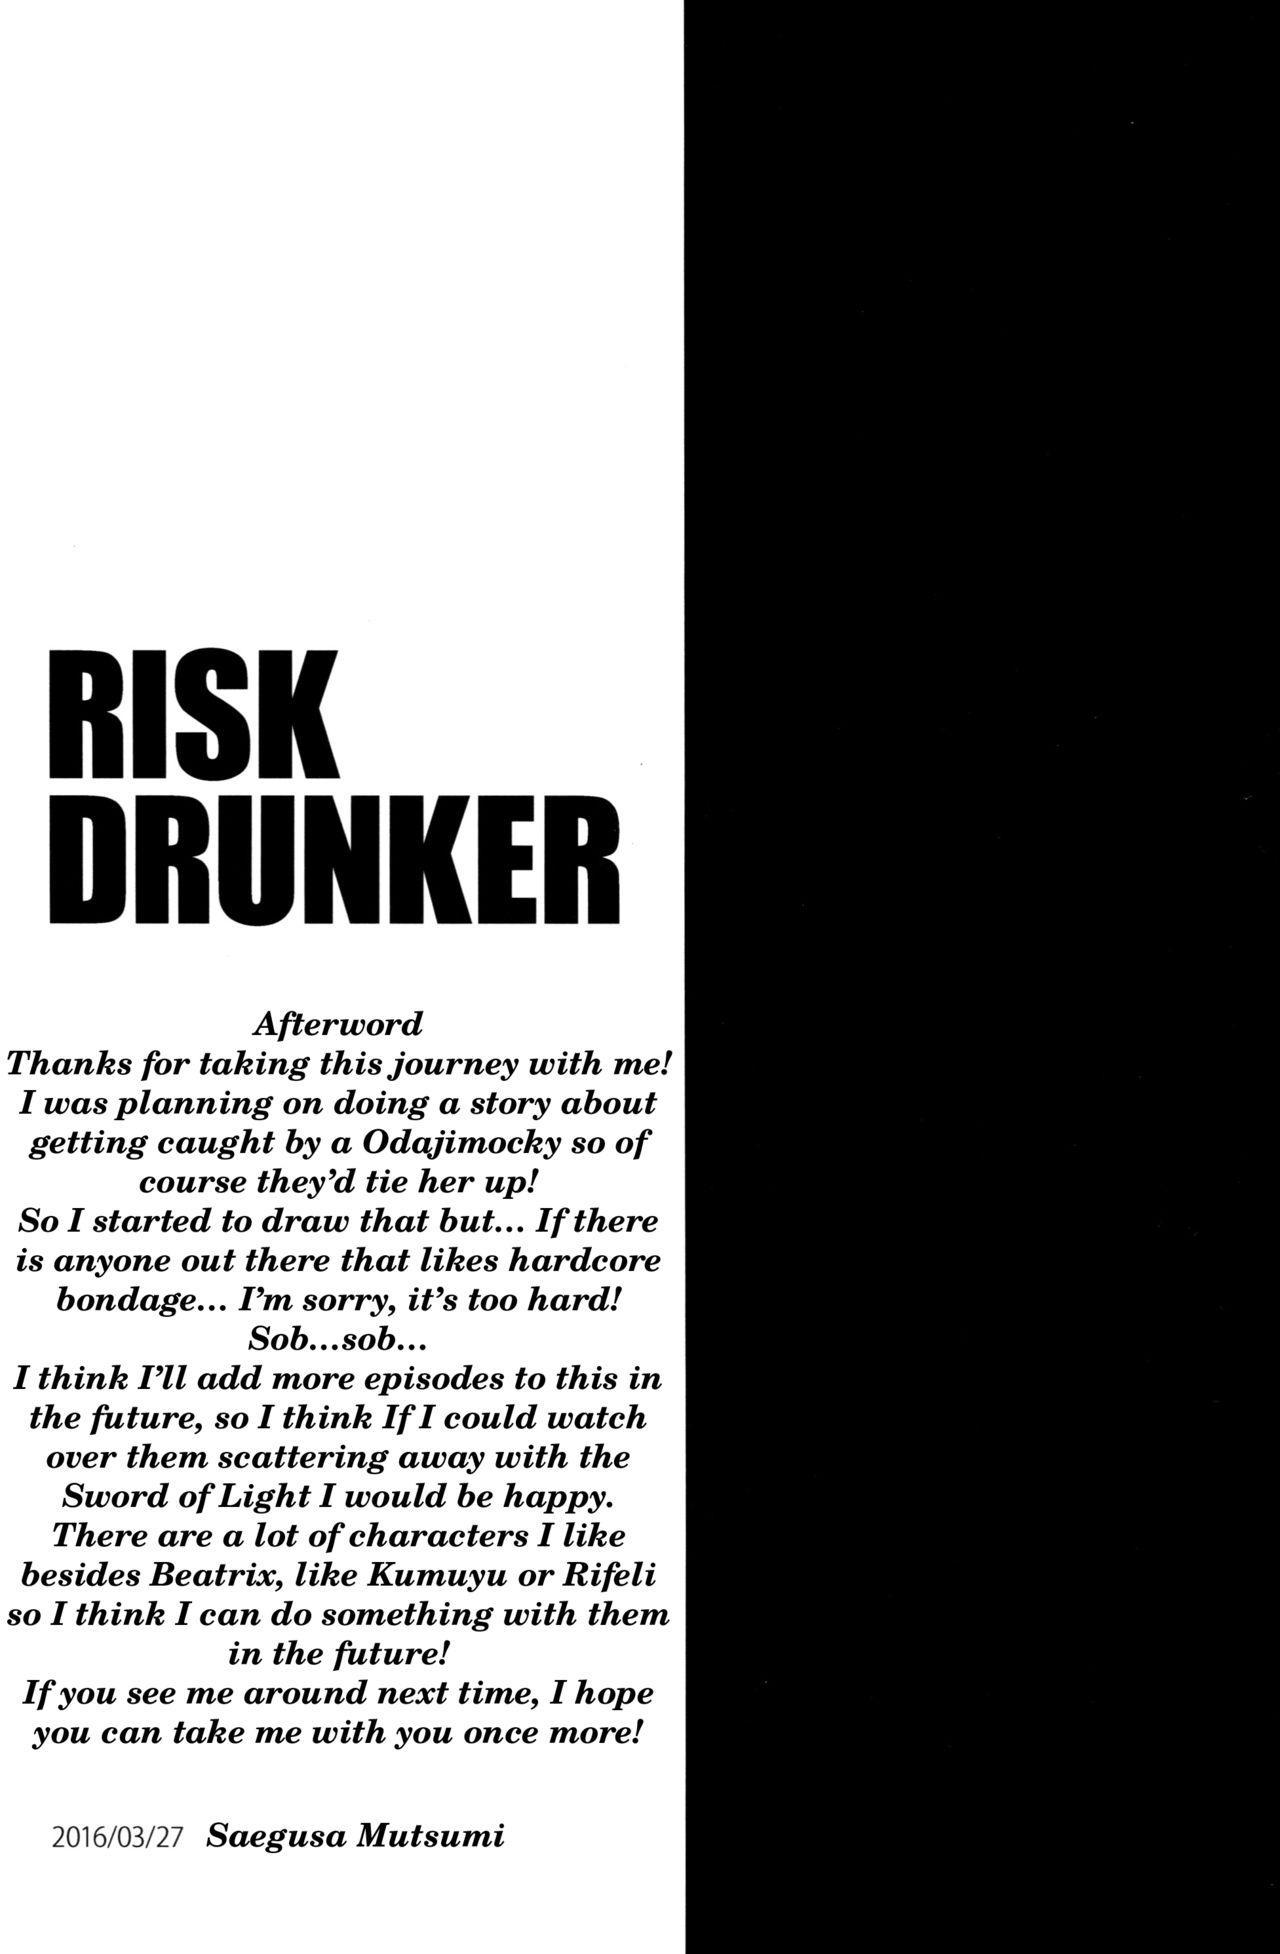 RISK DRUNKER 20